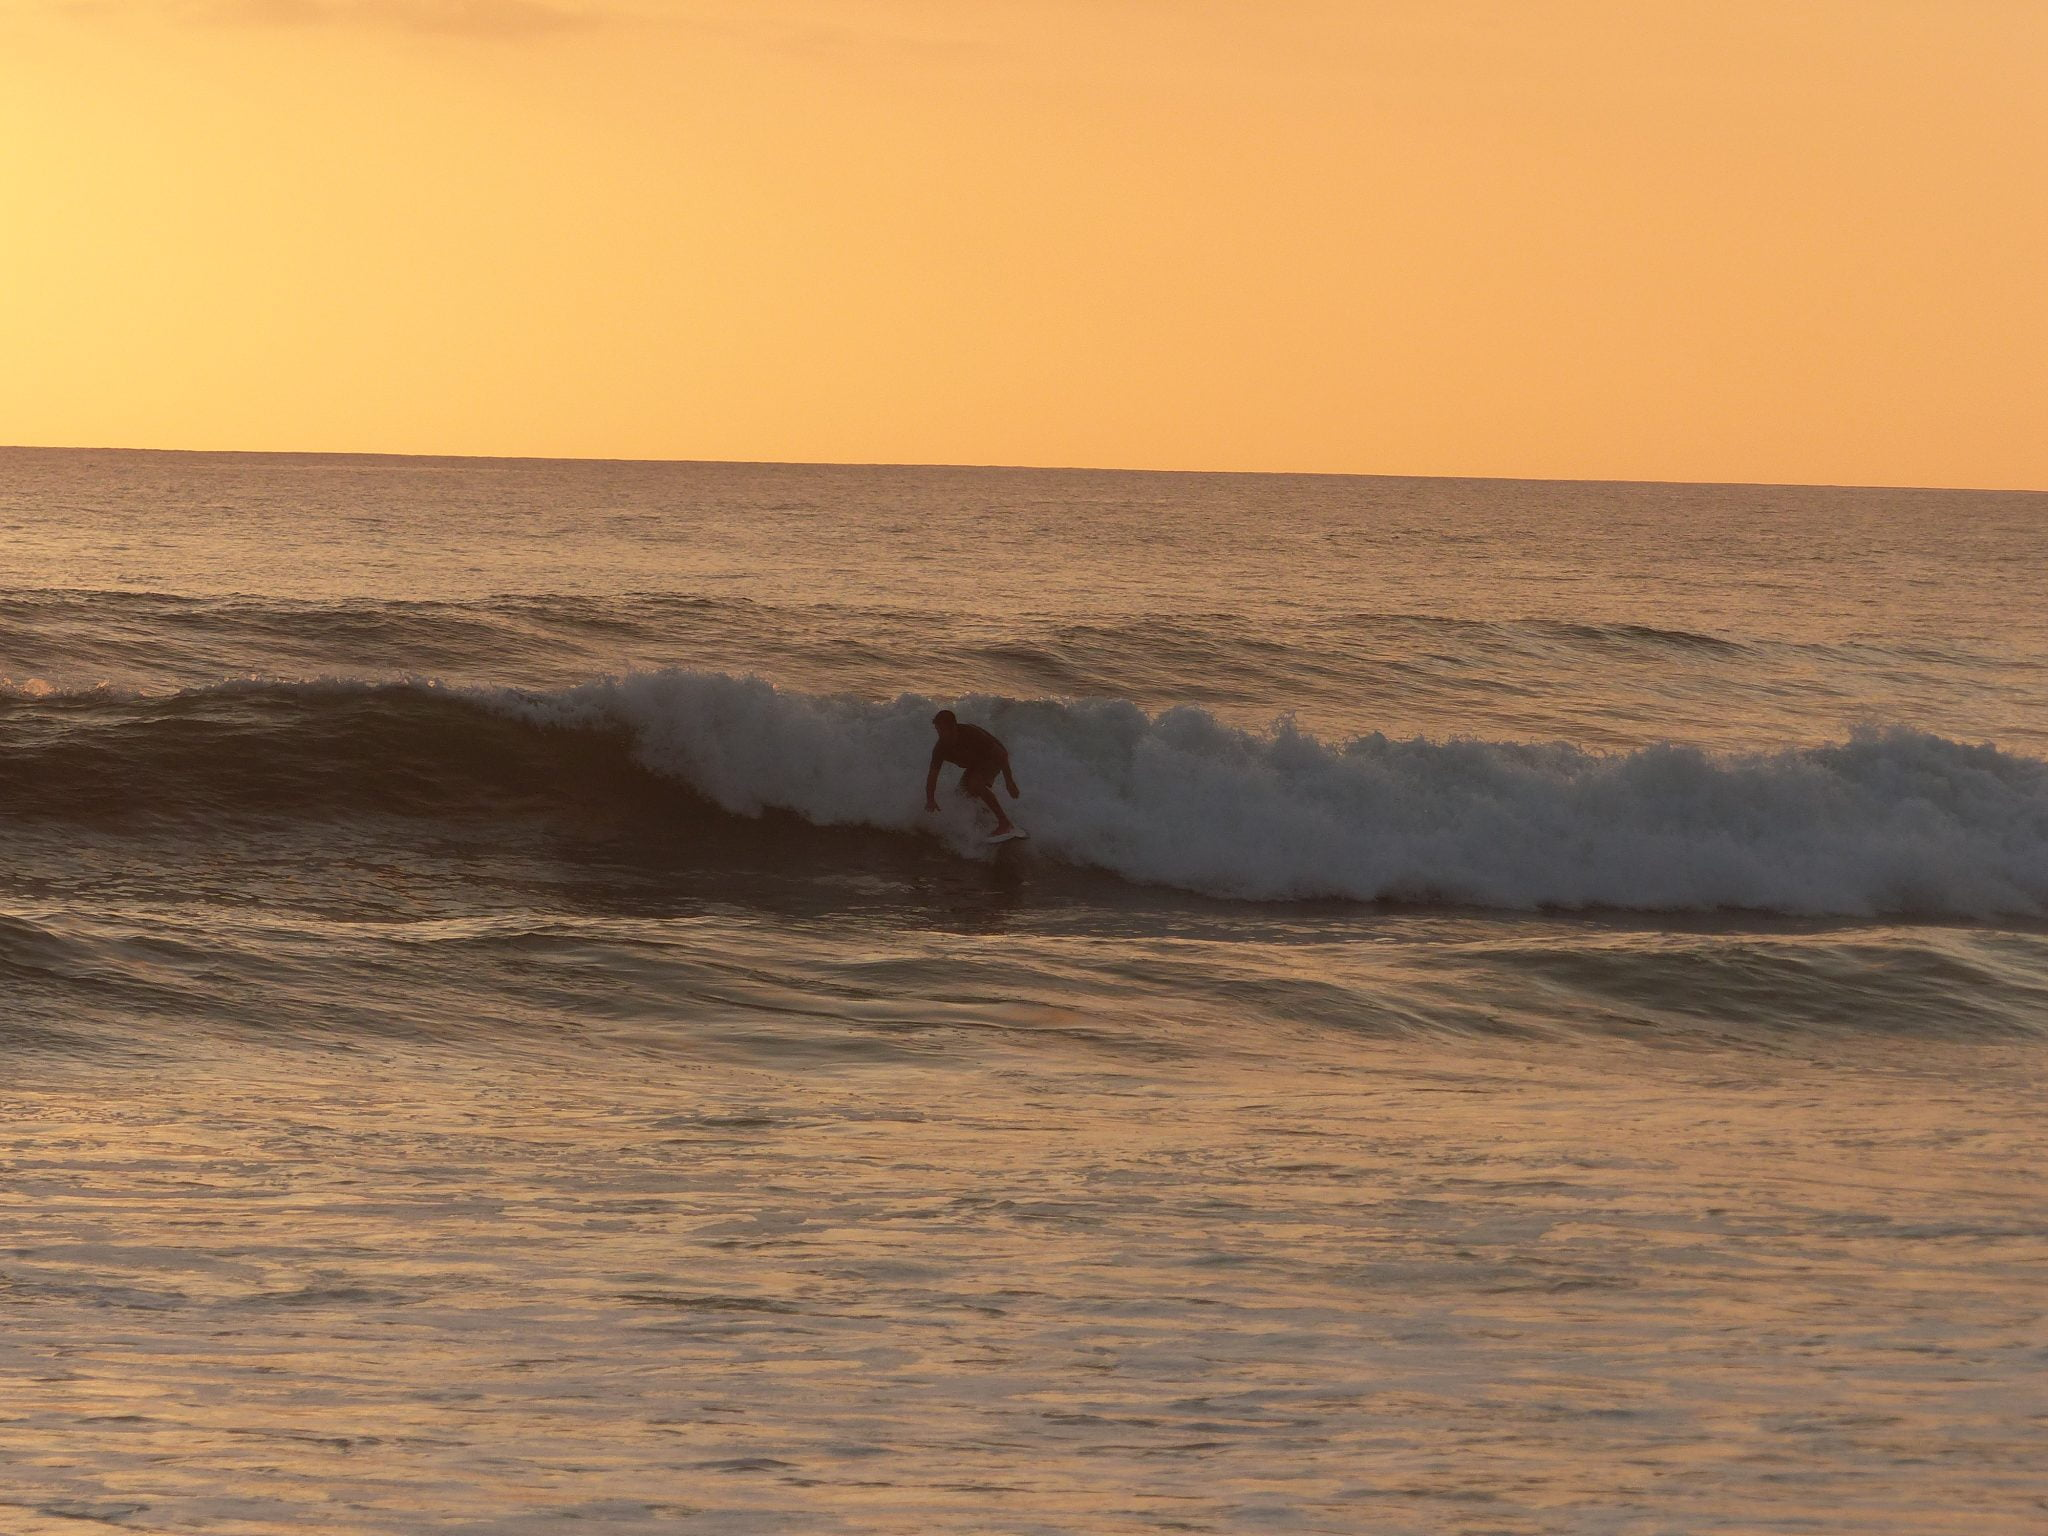 A Surfer, Santa Teresa, Costa Rica